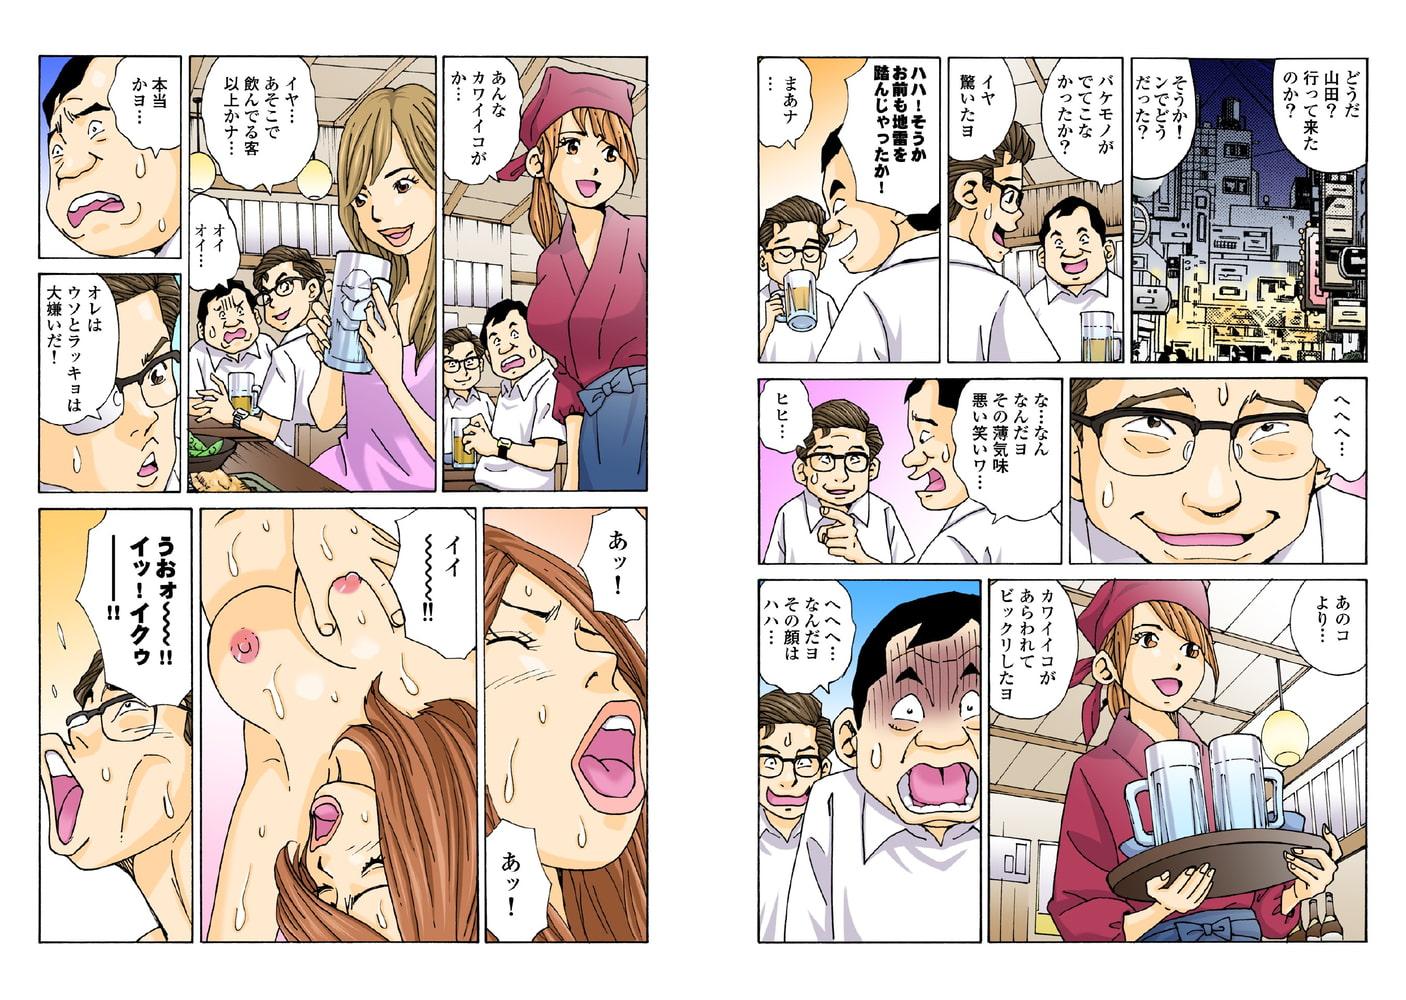 メチャヌキ! 風俗マン遊記(2)